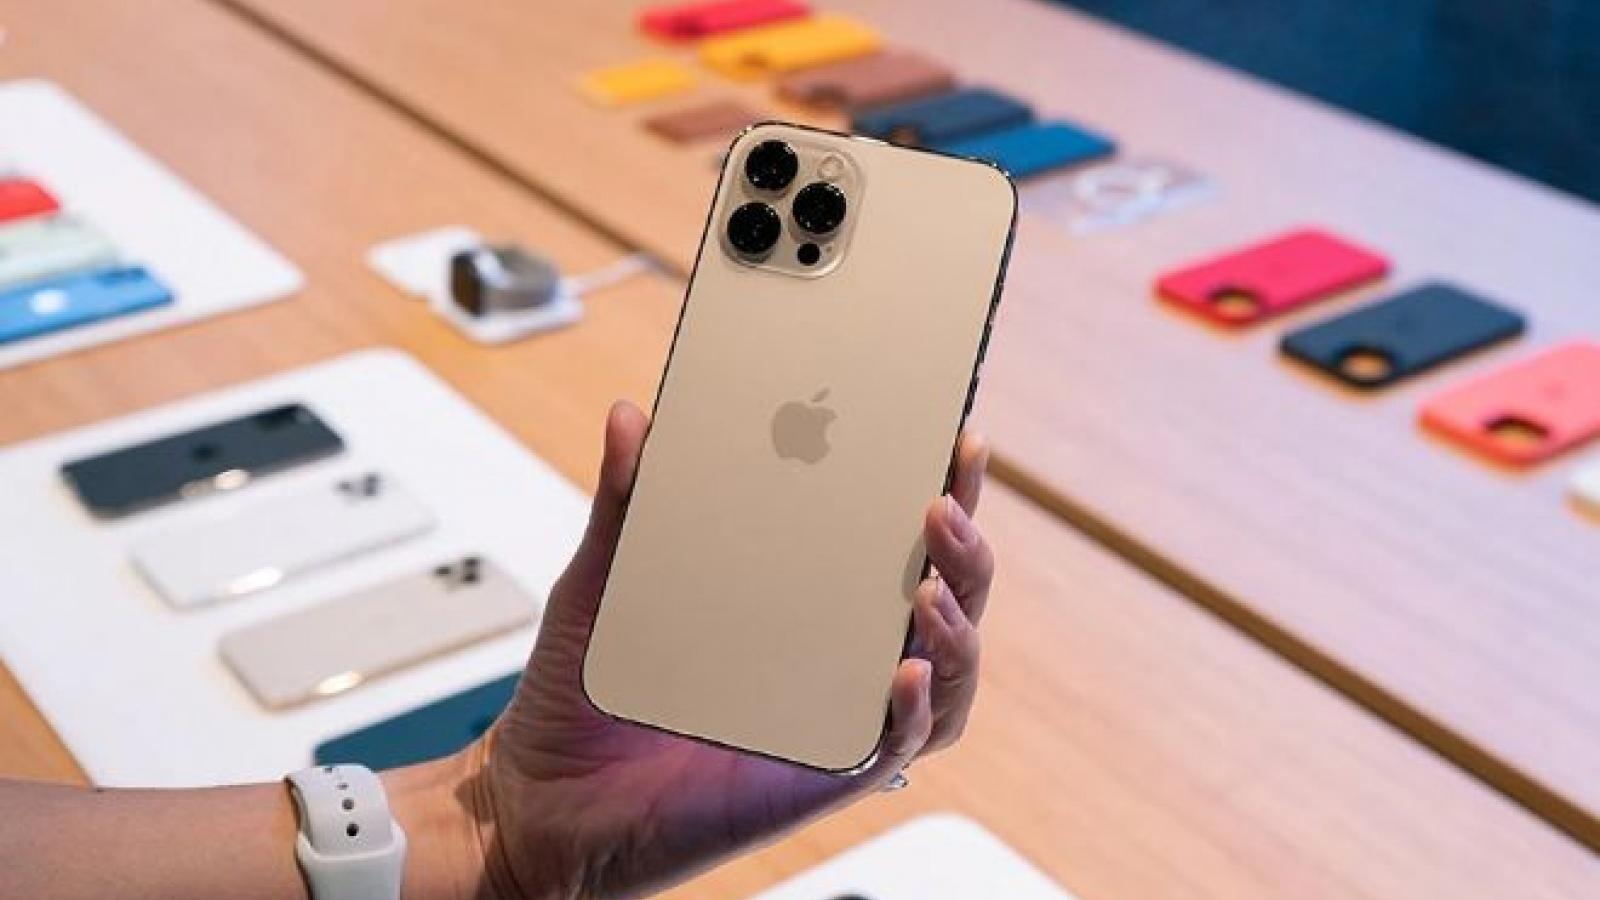 Đây là chiếc iPhone ế ẩm đang được giảm đến 7,1 triệu đồng